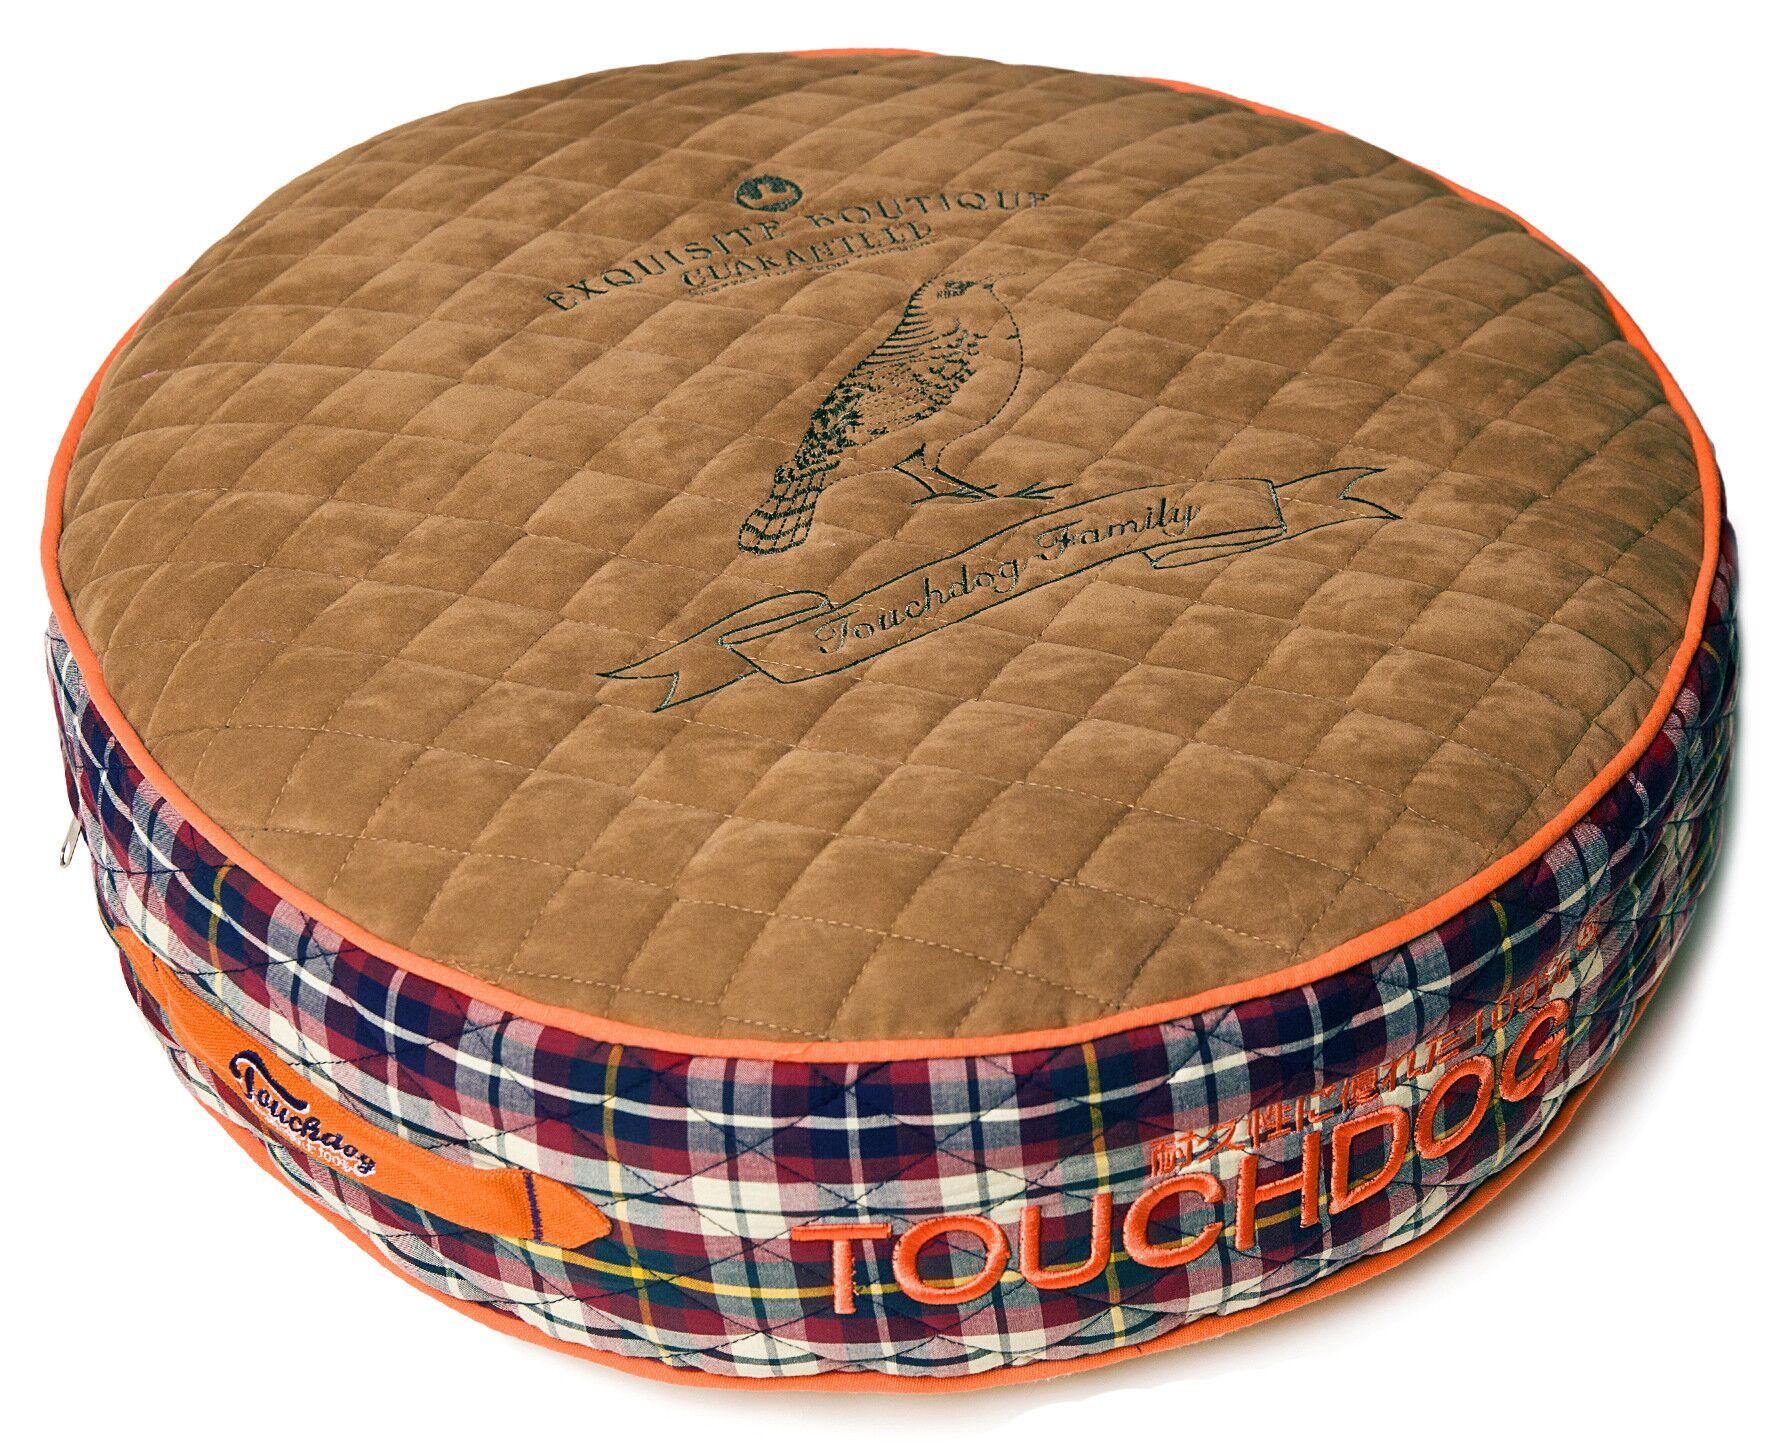 Bark-Royale Posh Rounded and Raised Designer Fleece Plaid Dog Bed Size: Medium (24.4